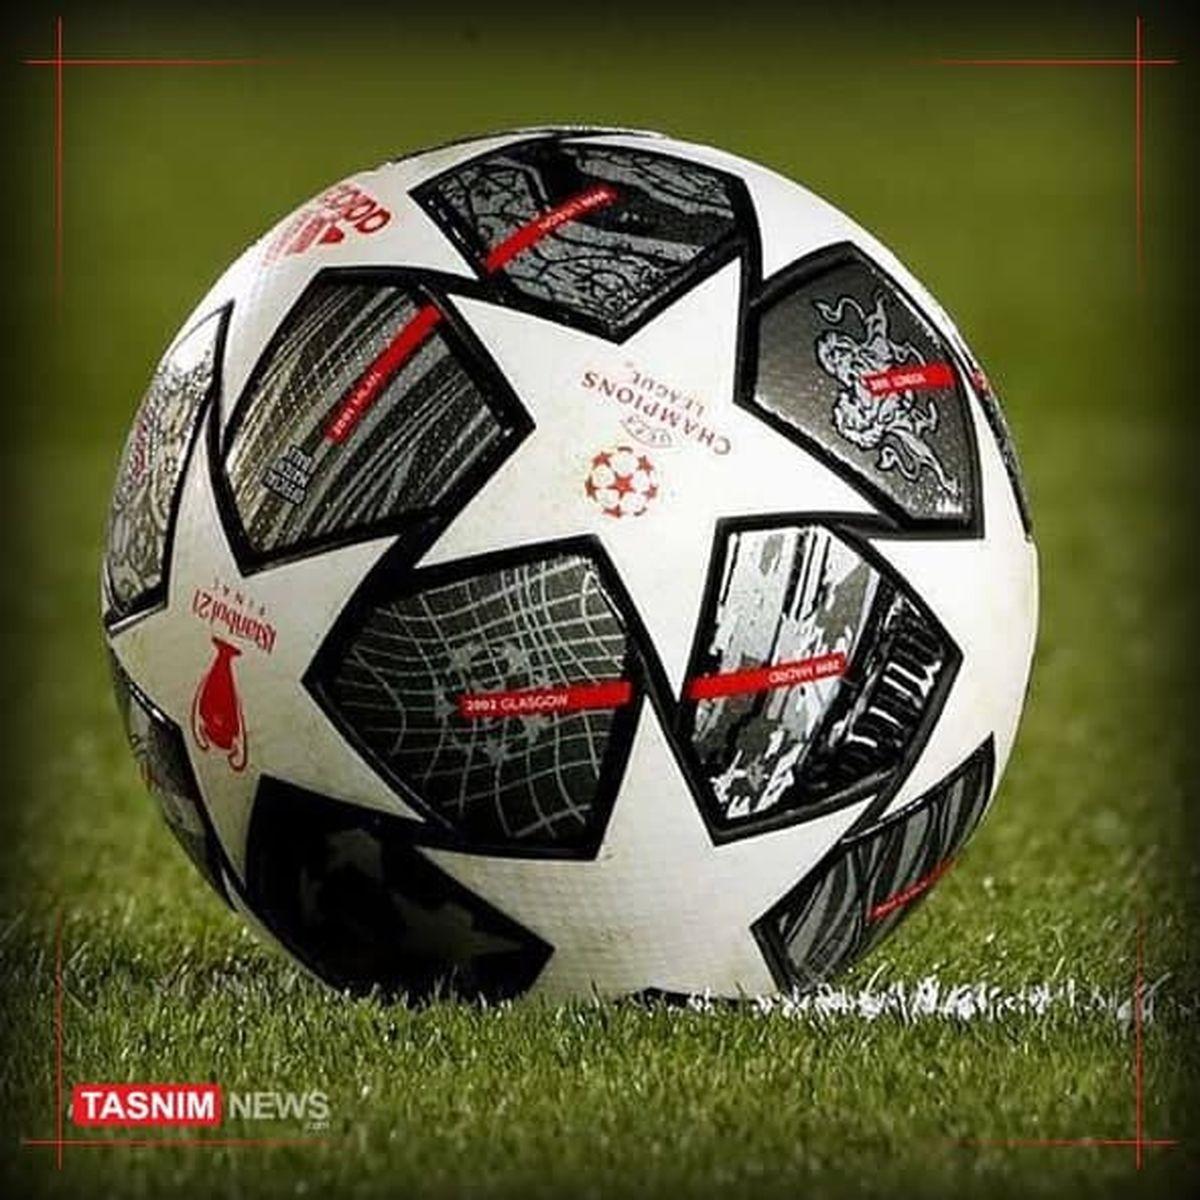 کودتای رسمی۱۲ باشگاه اروپا علیه فیفا/ لیگ قهرمانان اروپا تعلیق شد